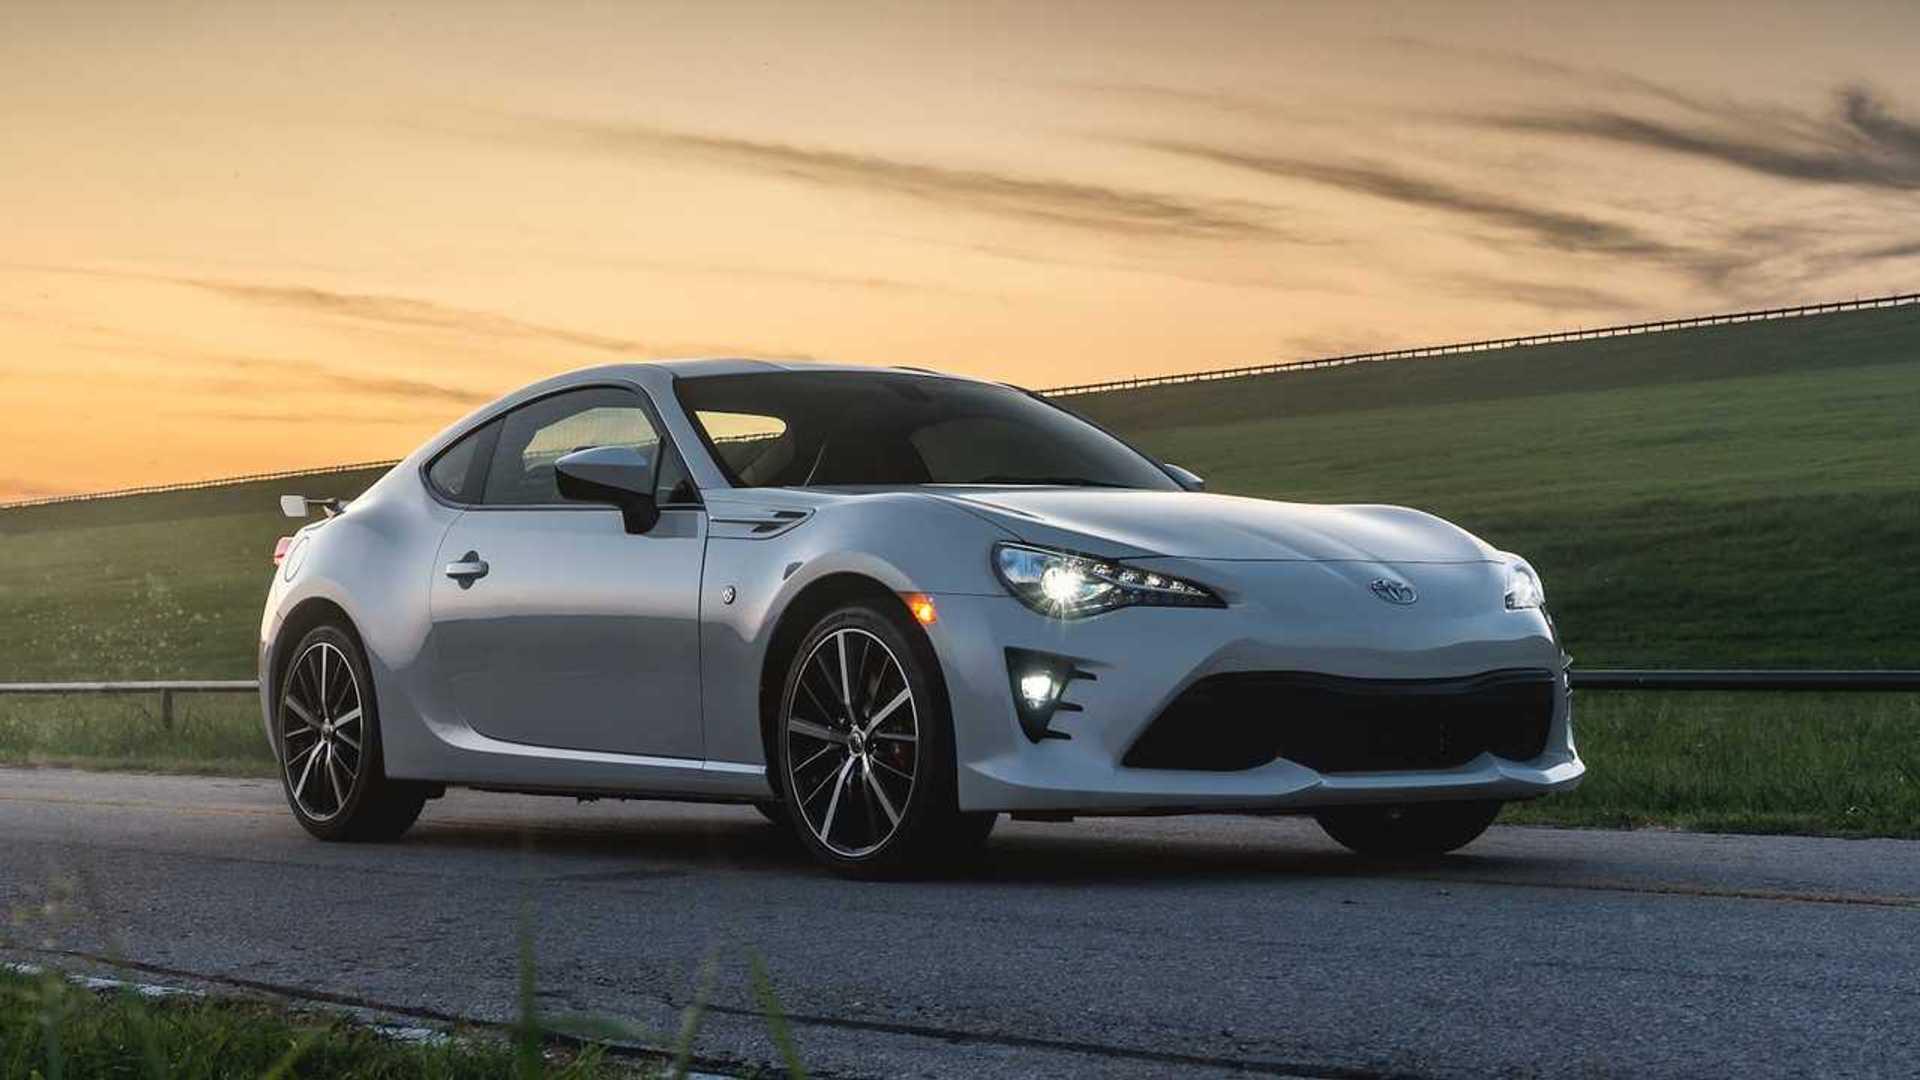 Kelebihan Kekurangan Toyota Gt86 2020 Harga